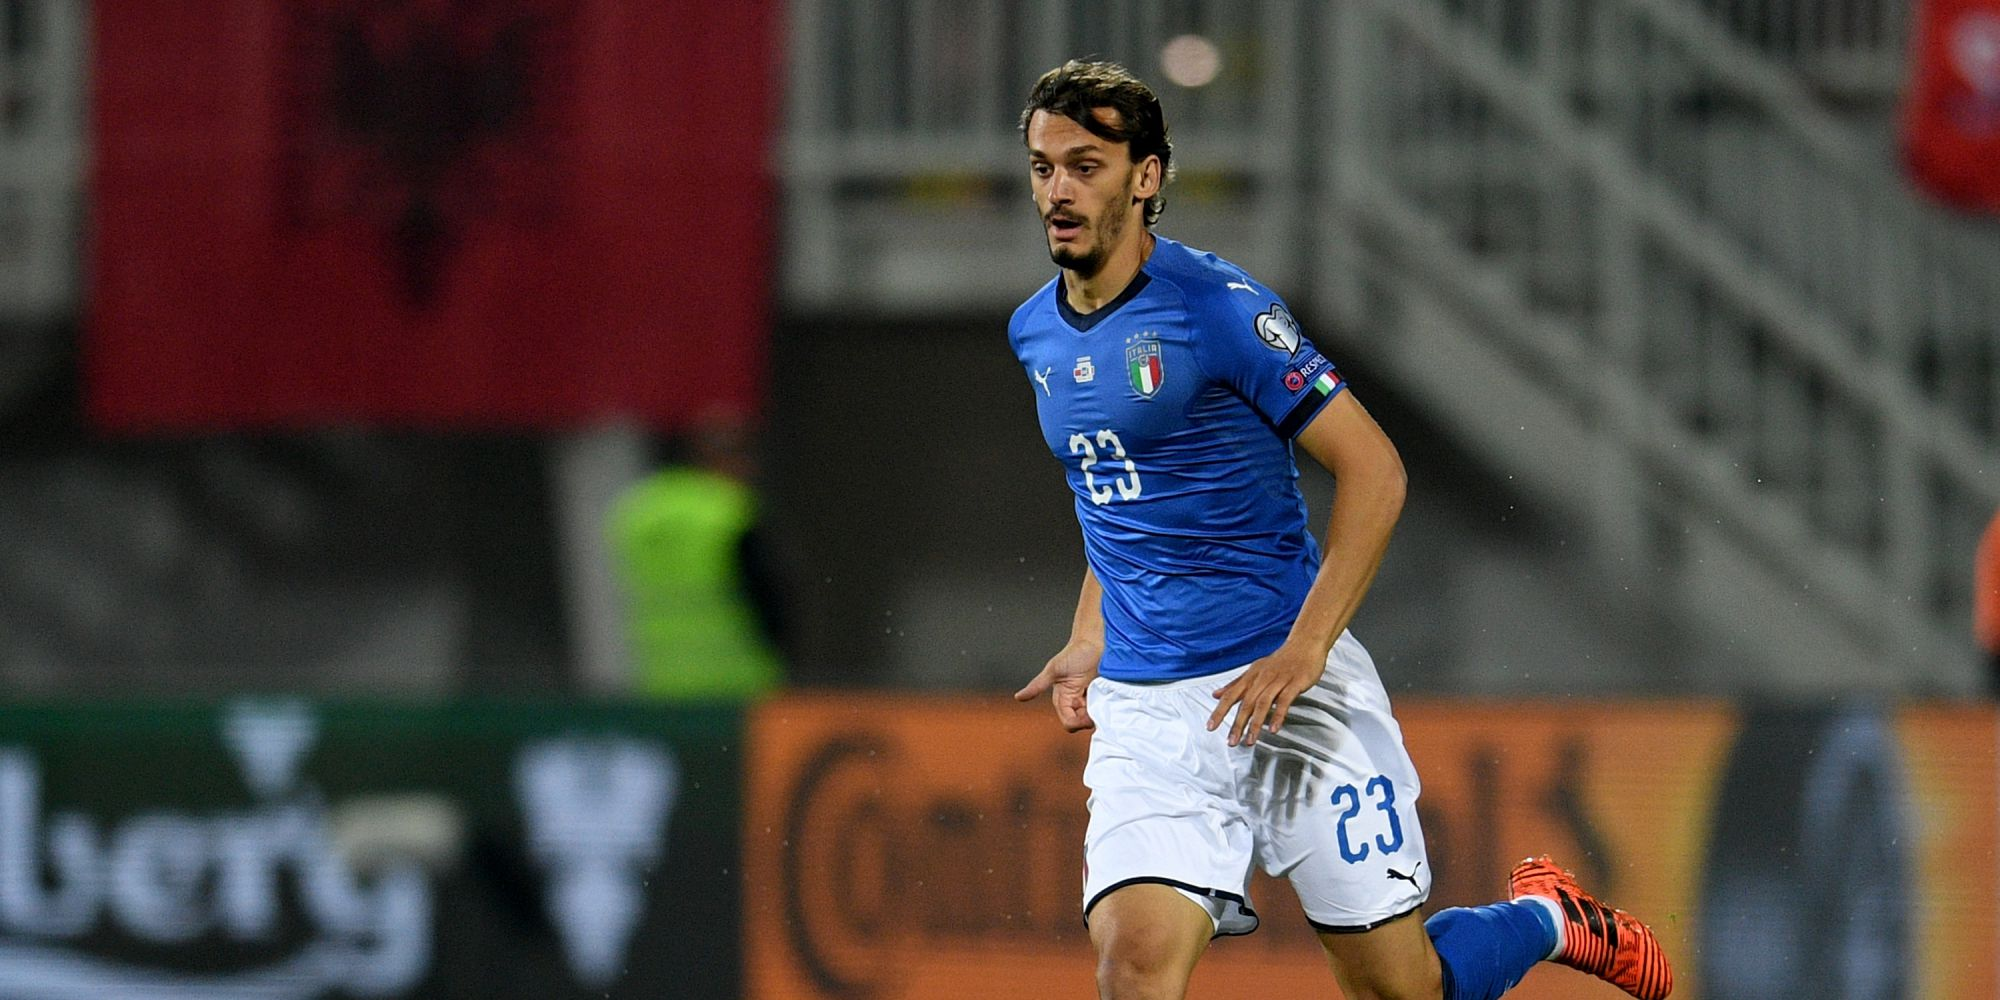 Manolo Gabbiadini Italy